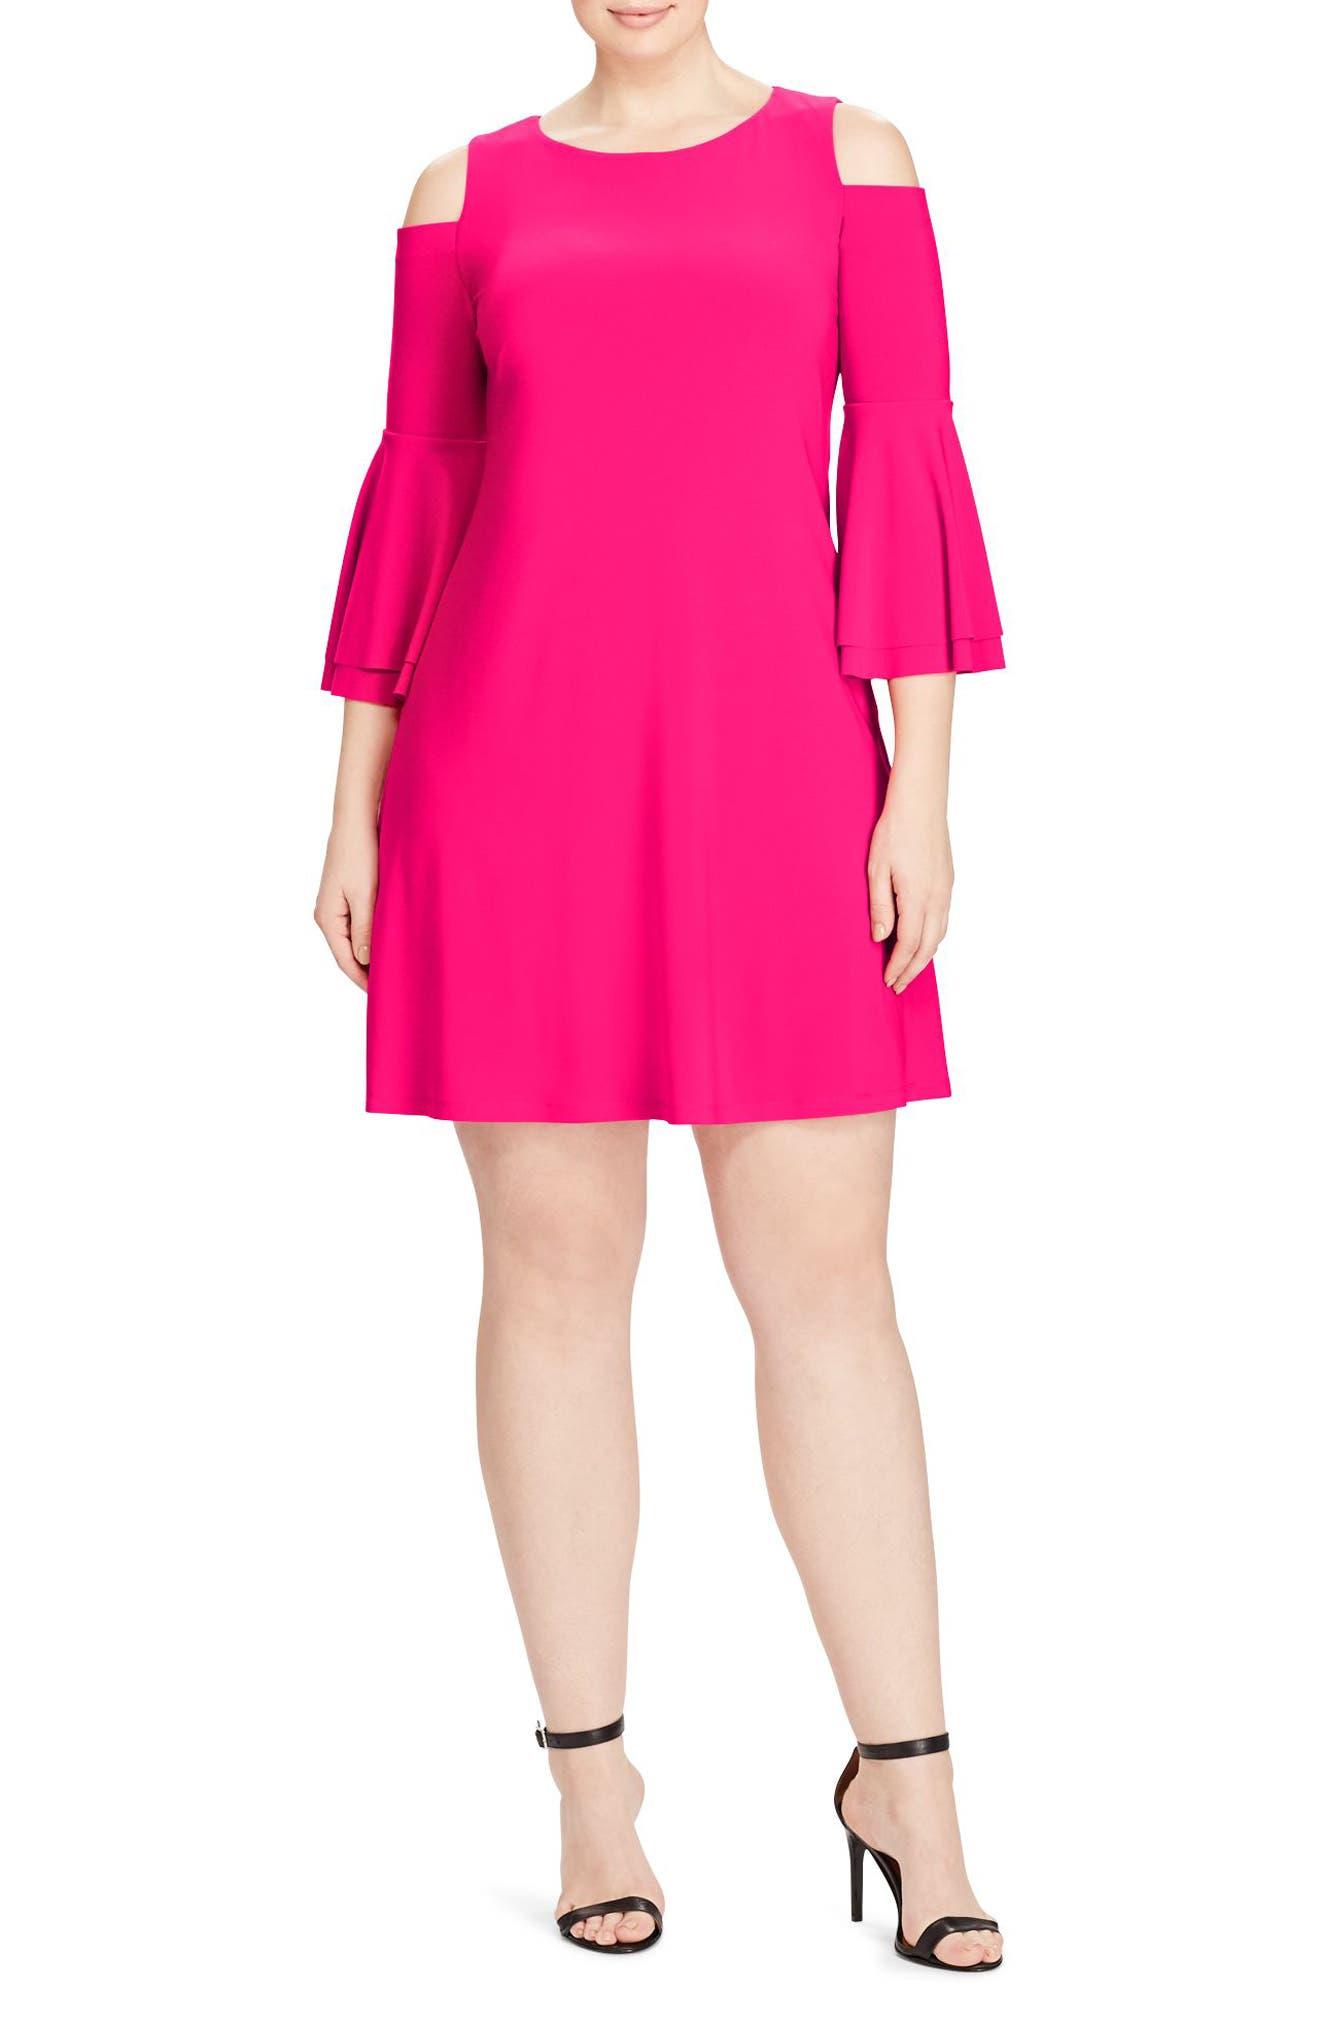 Main Image - Lauren Ralph Lauren Cold Shoulder A-Line Dress (Plus Size)